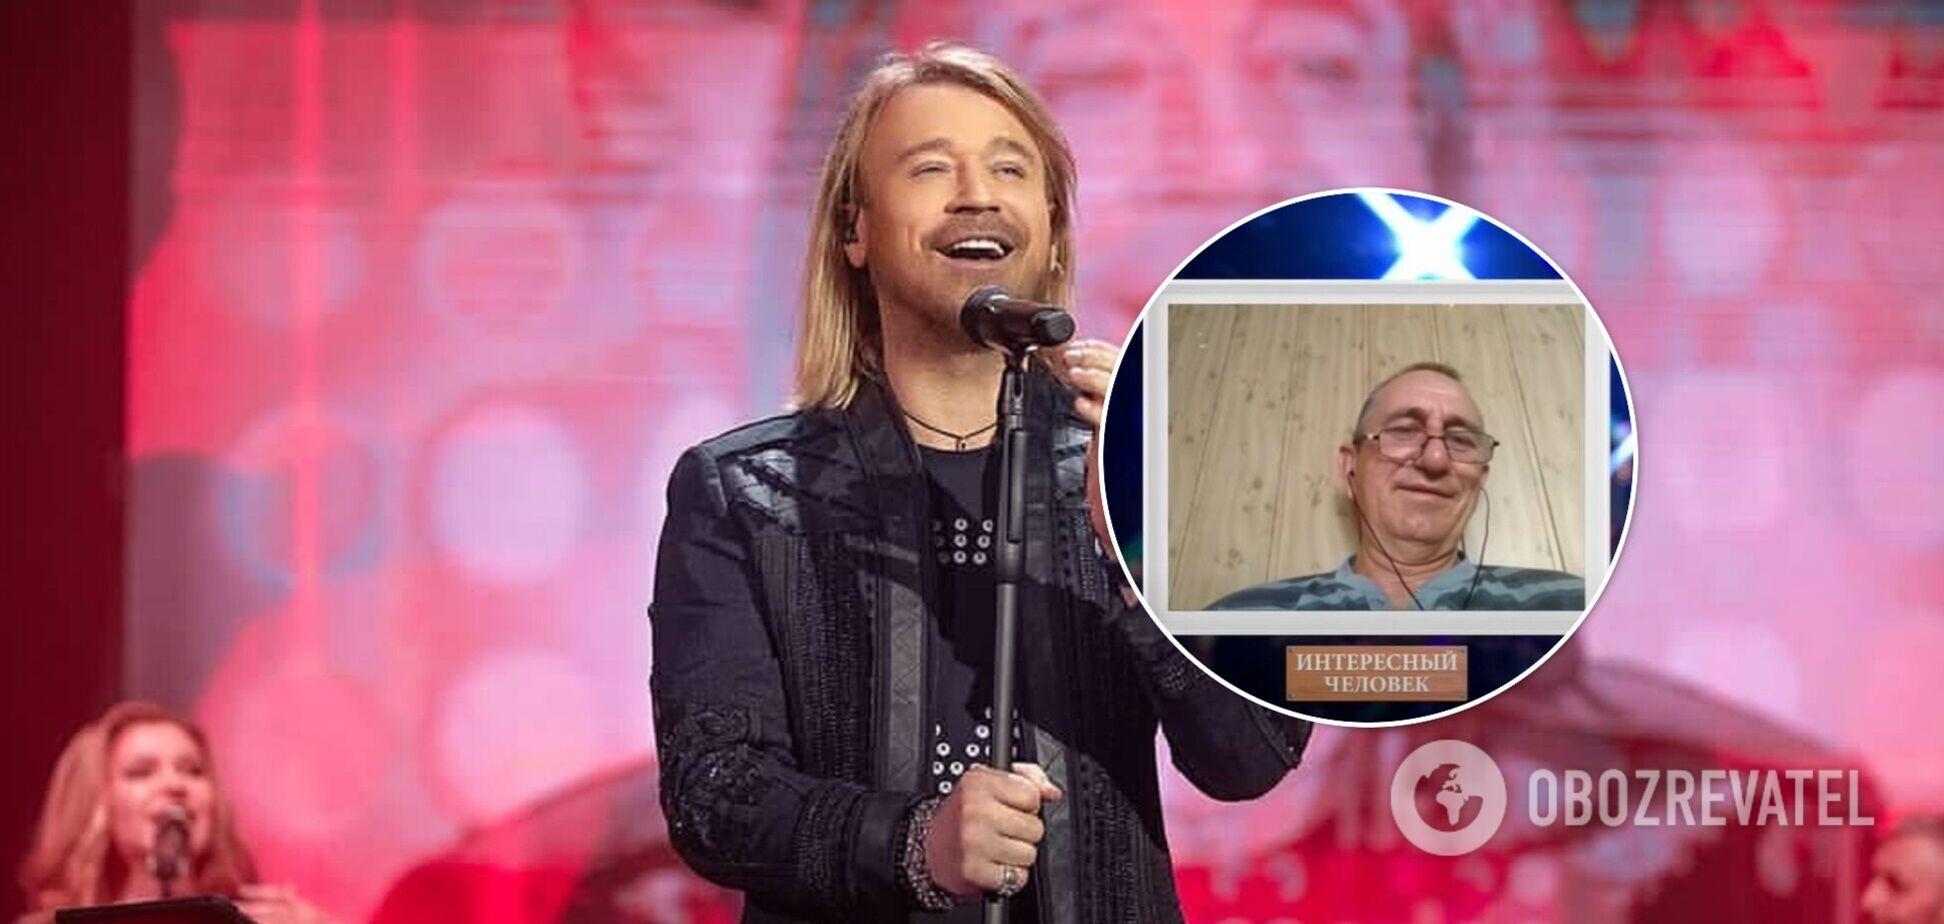 Зритель назвал Олега Винника лучшим певцом России